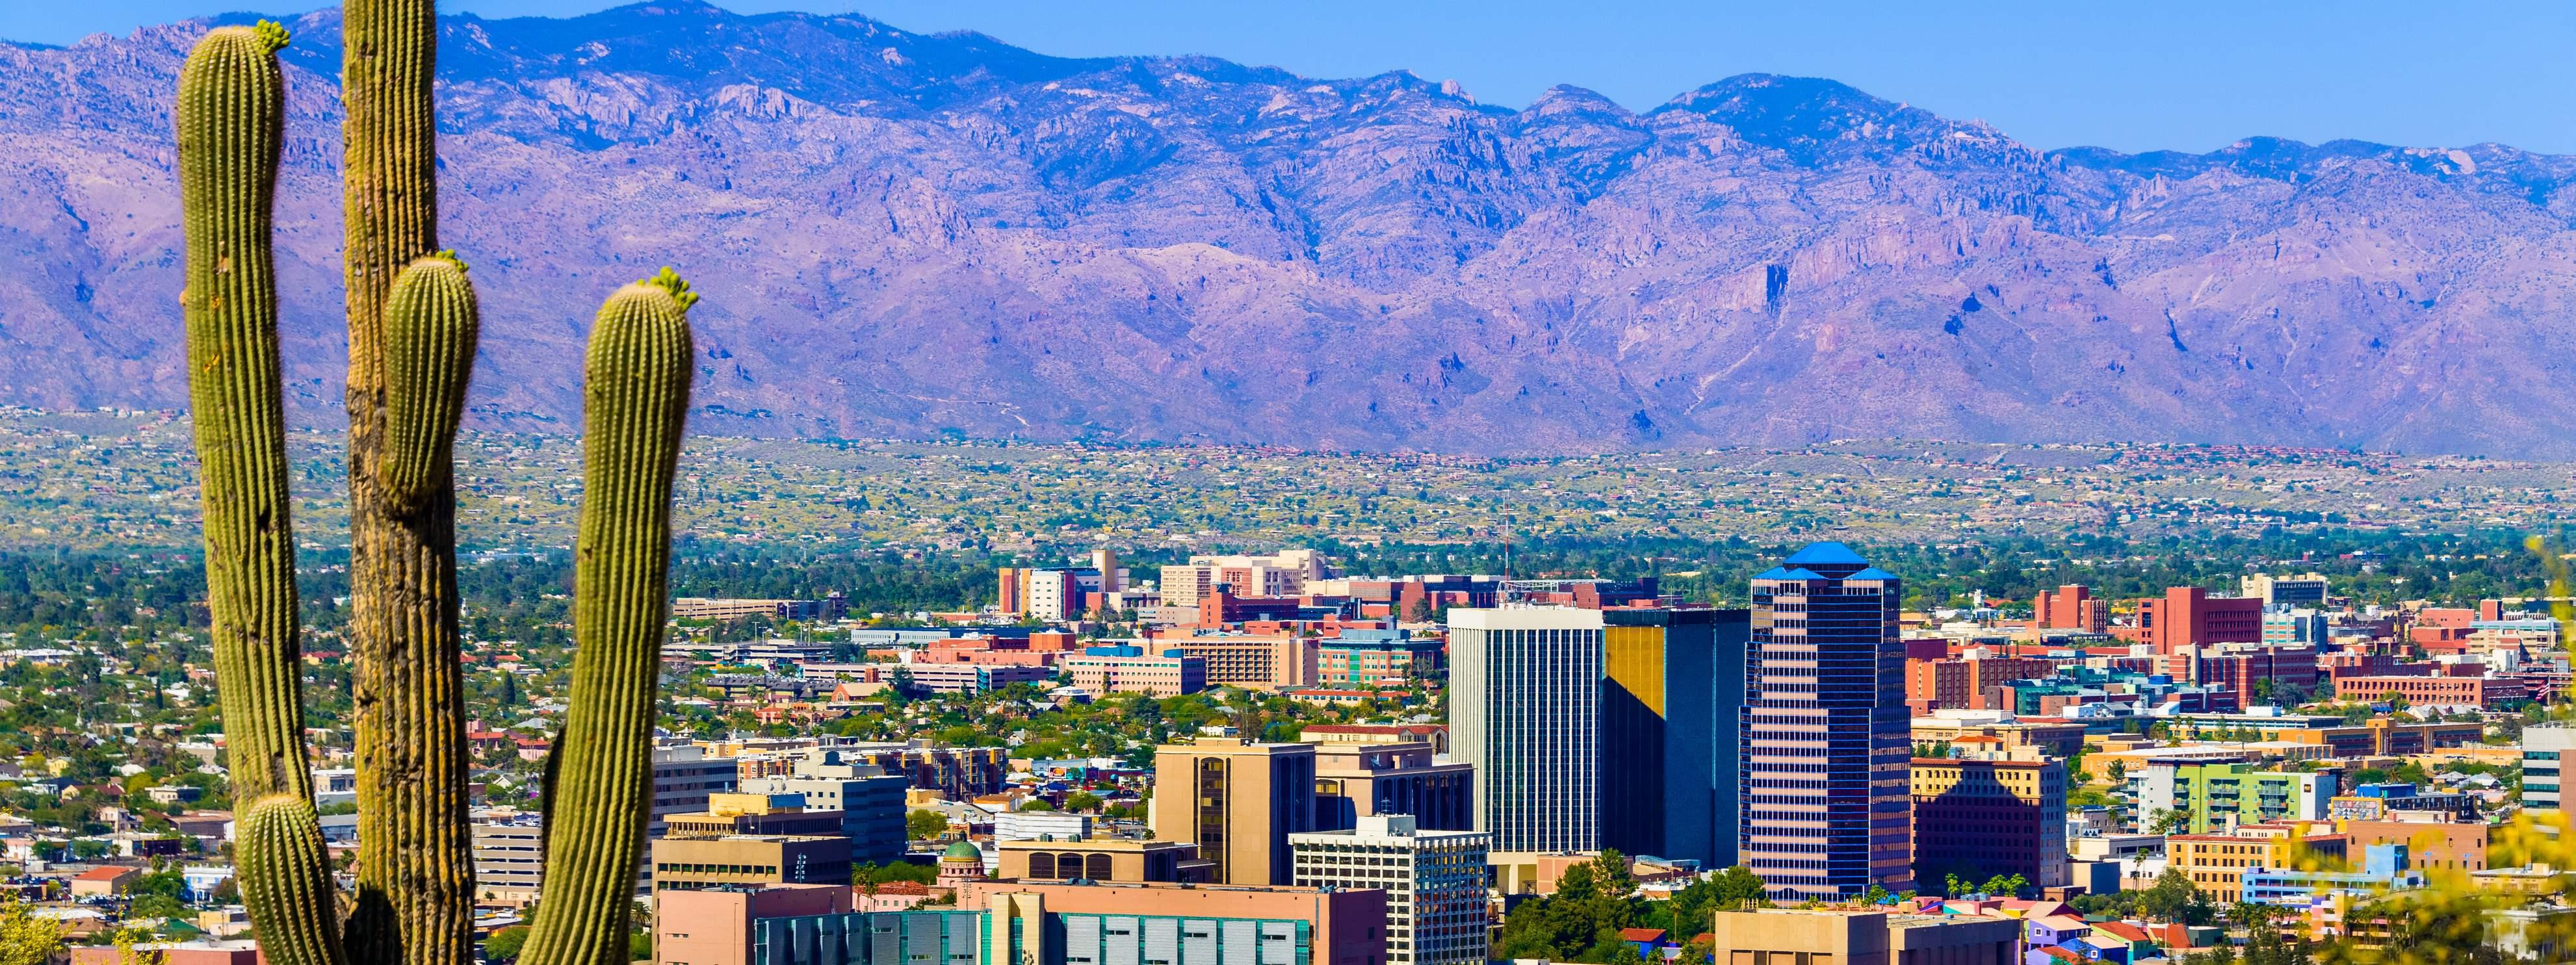 Paisaje de Tucson